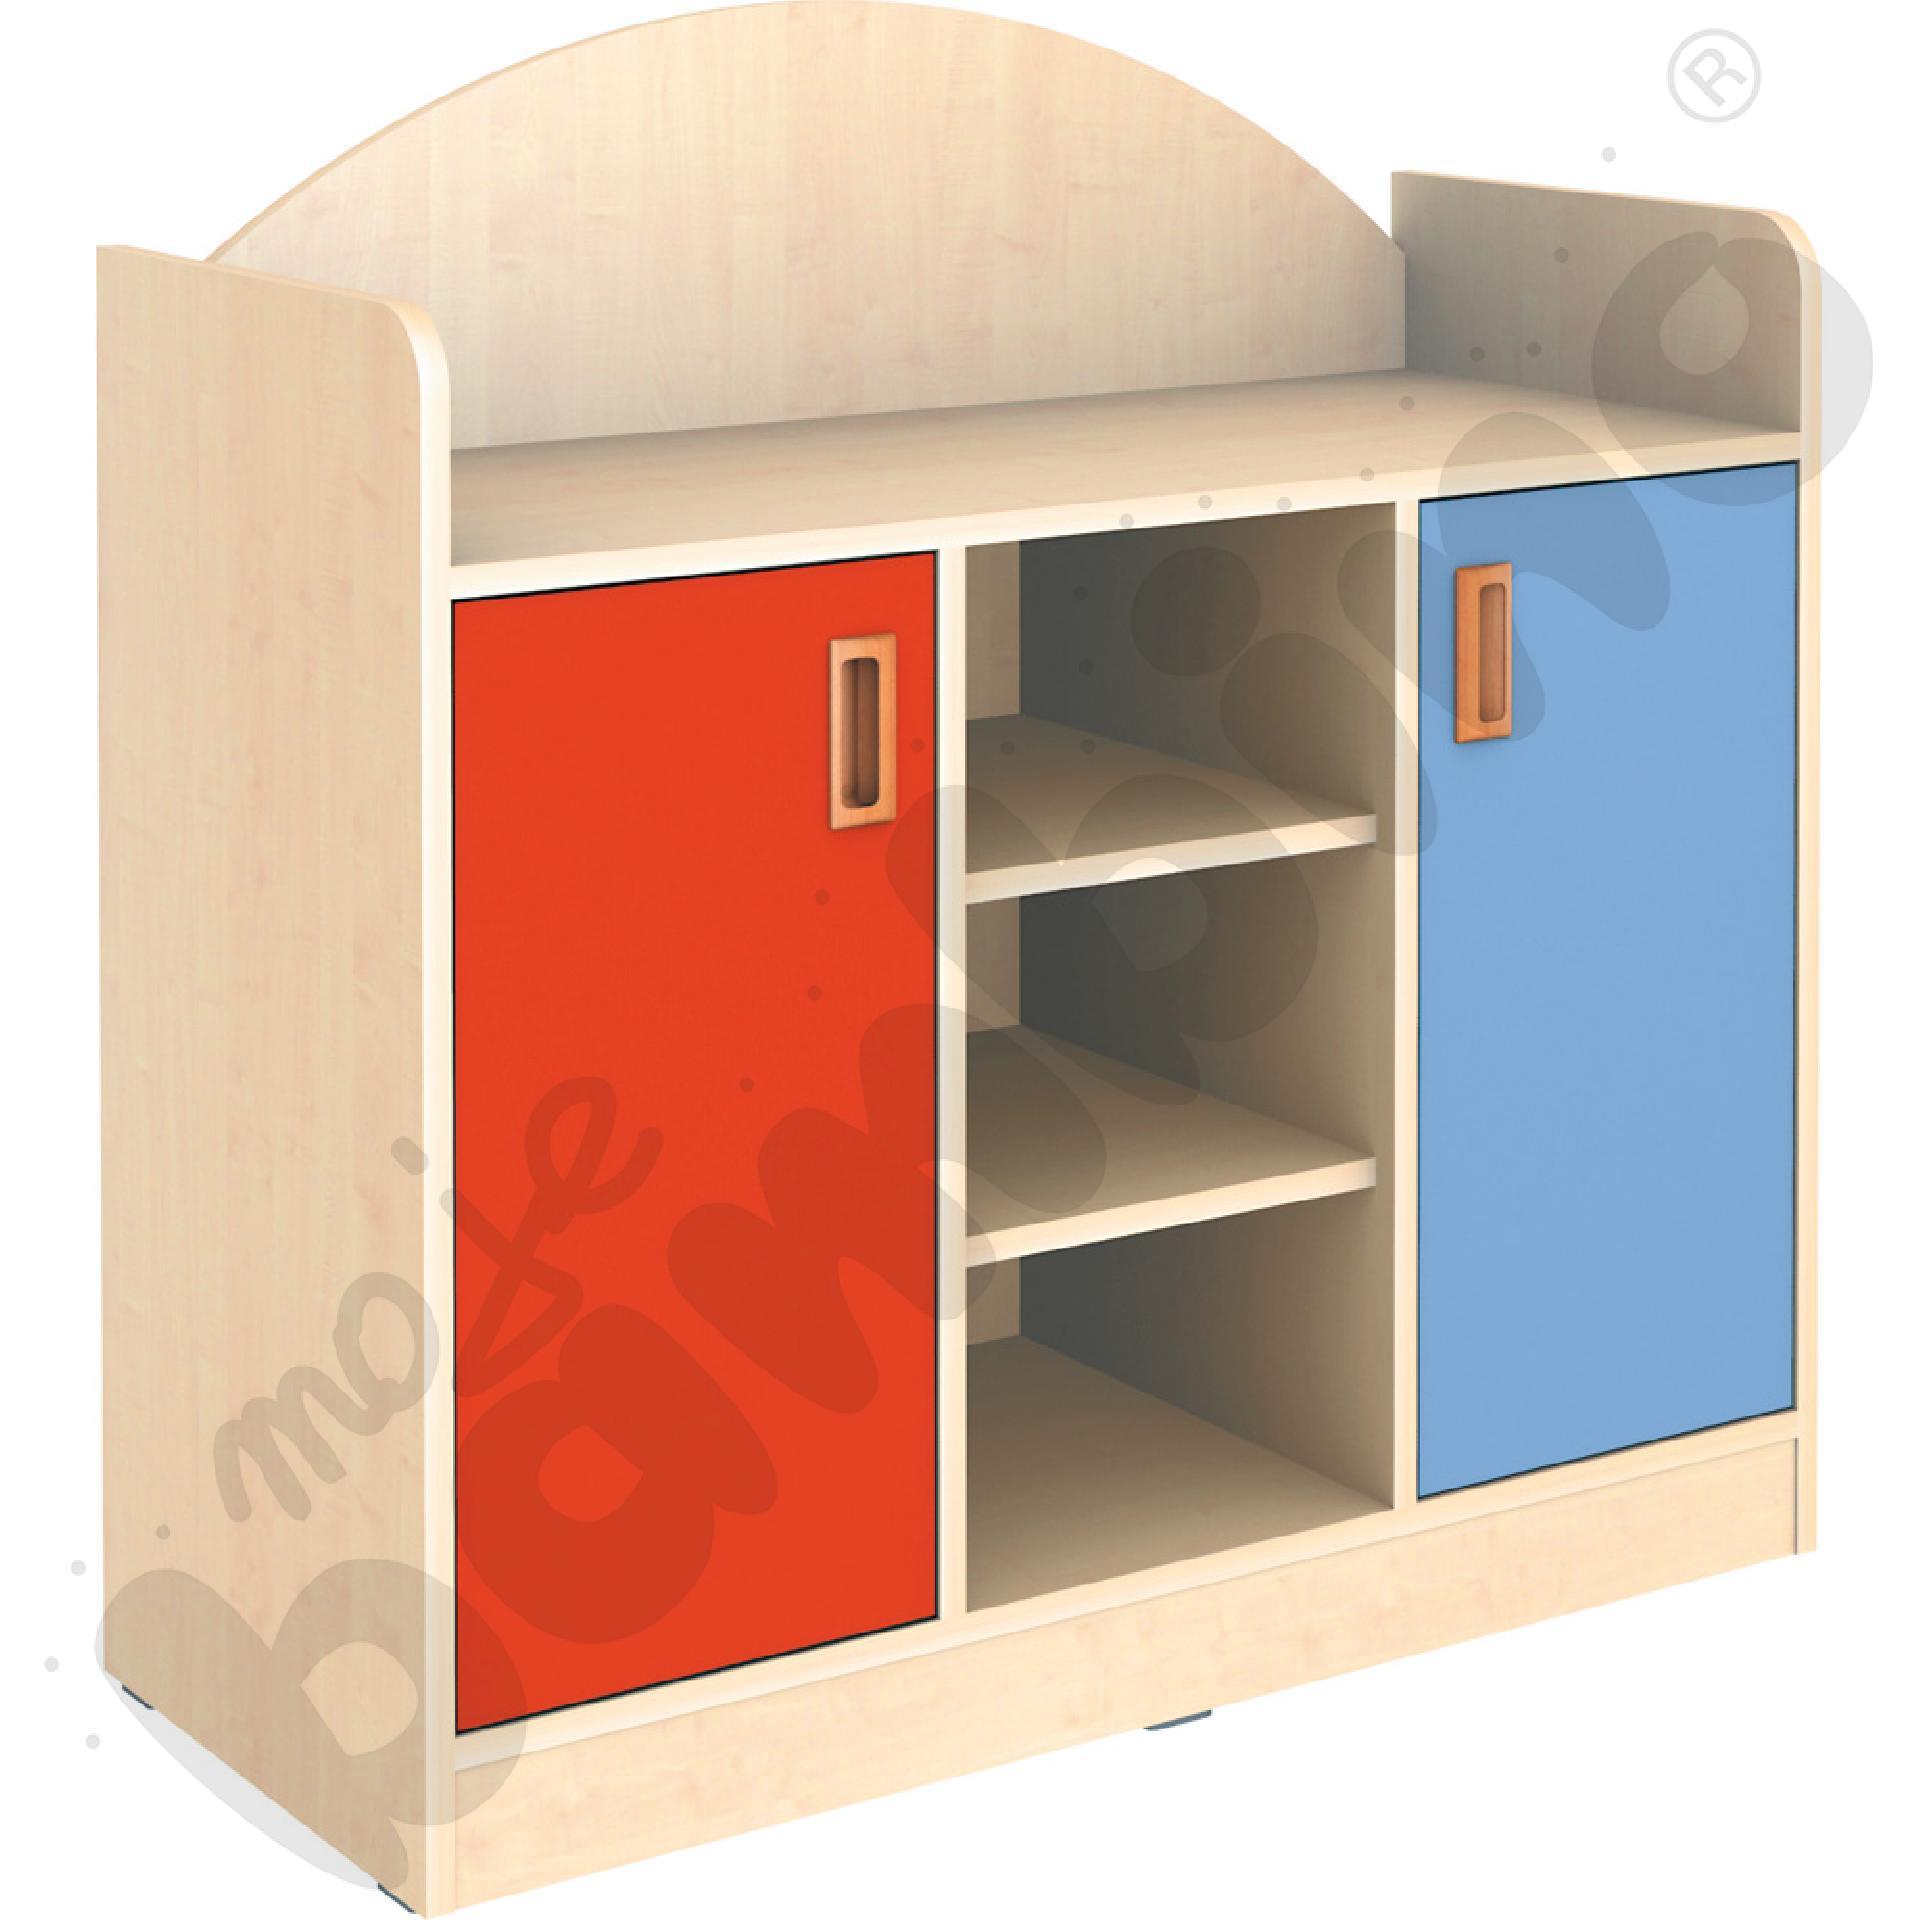 SANLANDIA szafka z 2 półkami w środkowej części